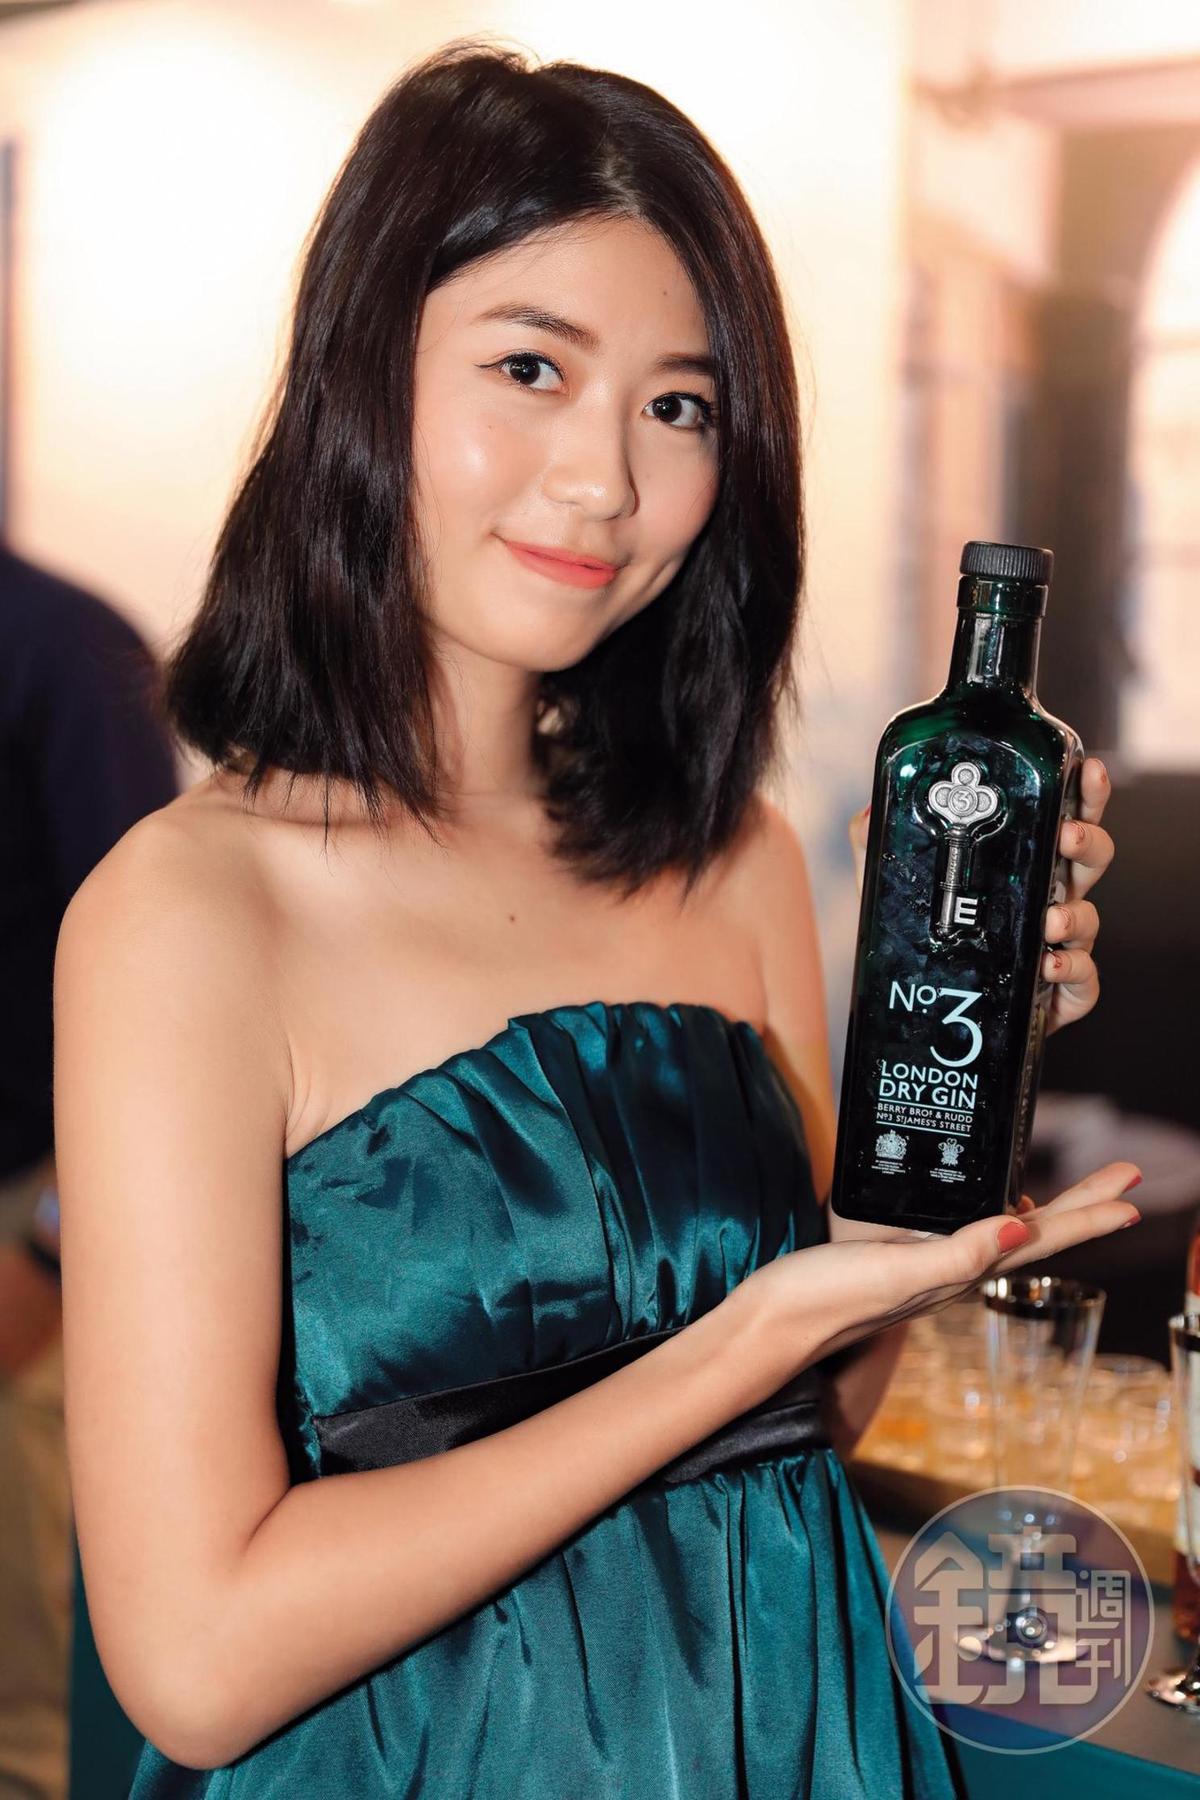 翊兒Yier穿著跟倫敦三號琴酒瓶身一樣顏色的低胸小禮服,從她含蓄笑容中,你看得出Kingsman特別版的倫敦三號琴酒都被Bartender買光了嗎?